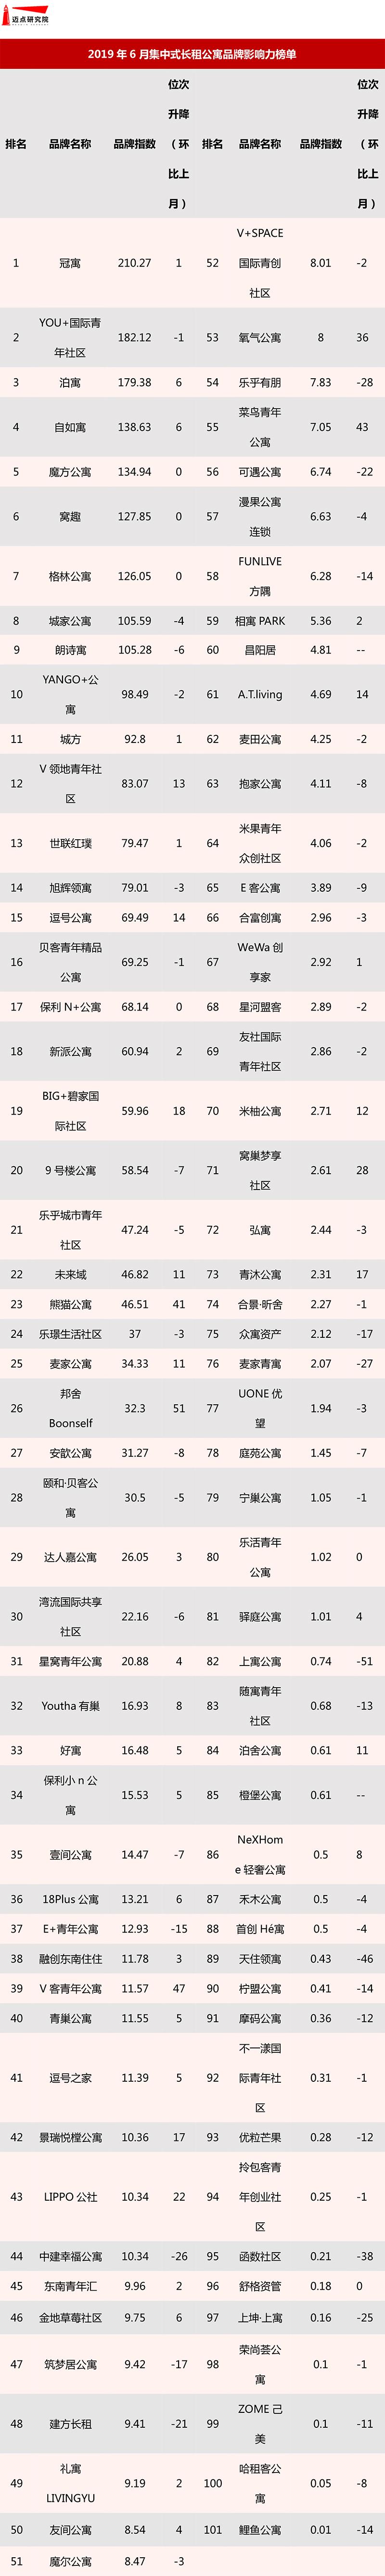 2019年6月集中式长租公寓品牌影响力榜单-1.jpg